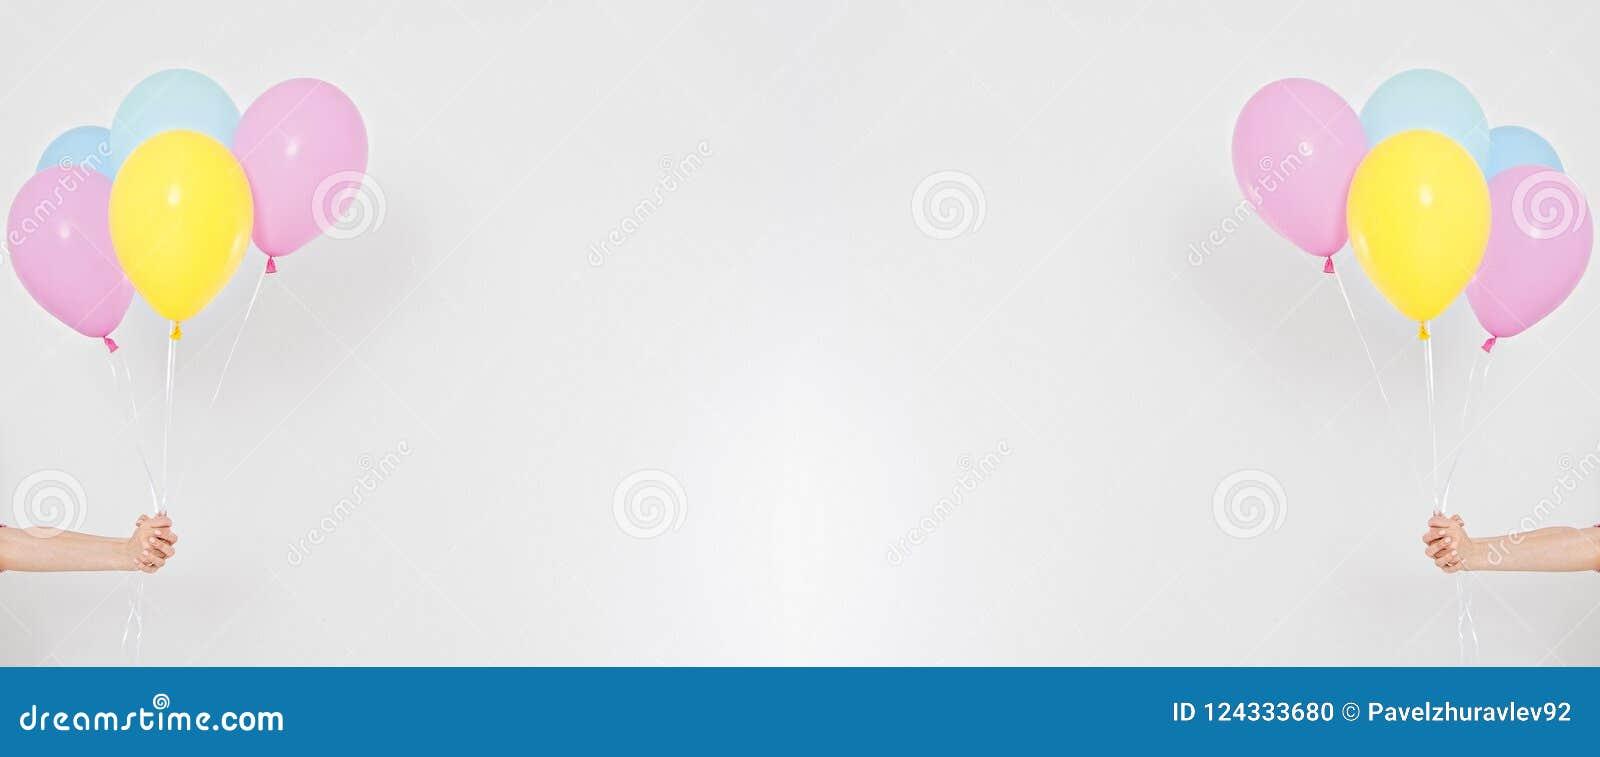 五颜六色的党迅速增加背景拼贴画,集合 庆祝,假日,夏天概念 构思设计餐馆模板 广告牌空白,顶视图